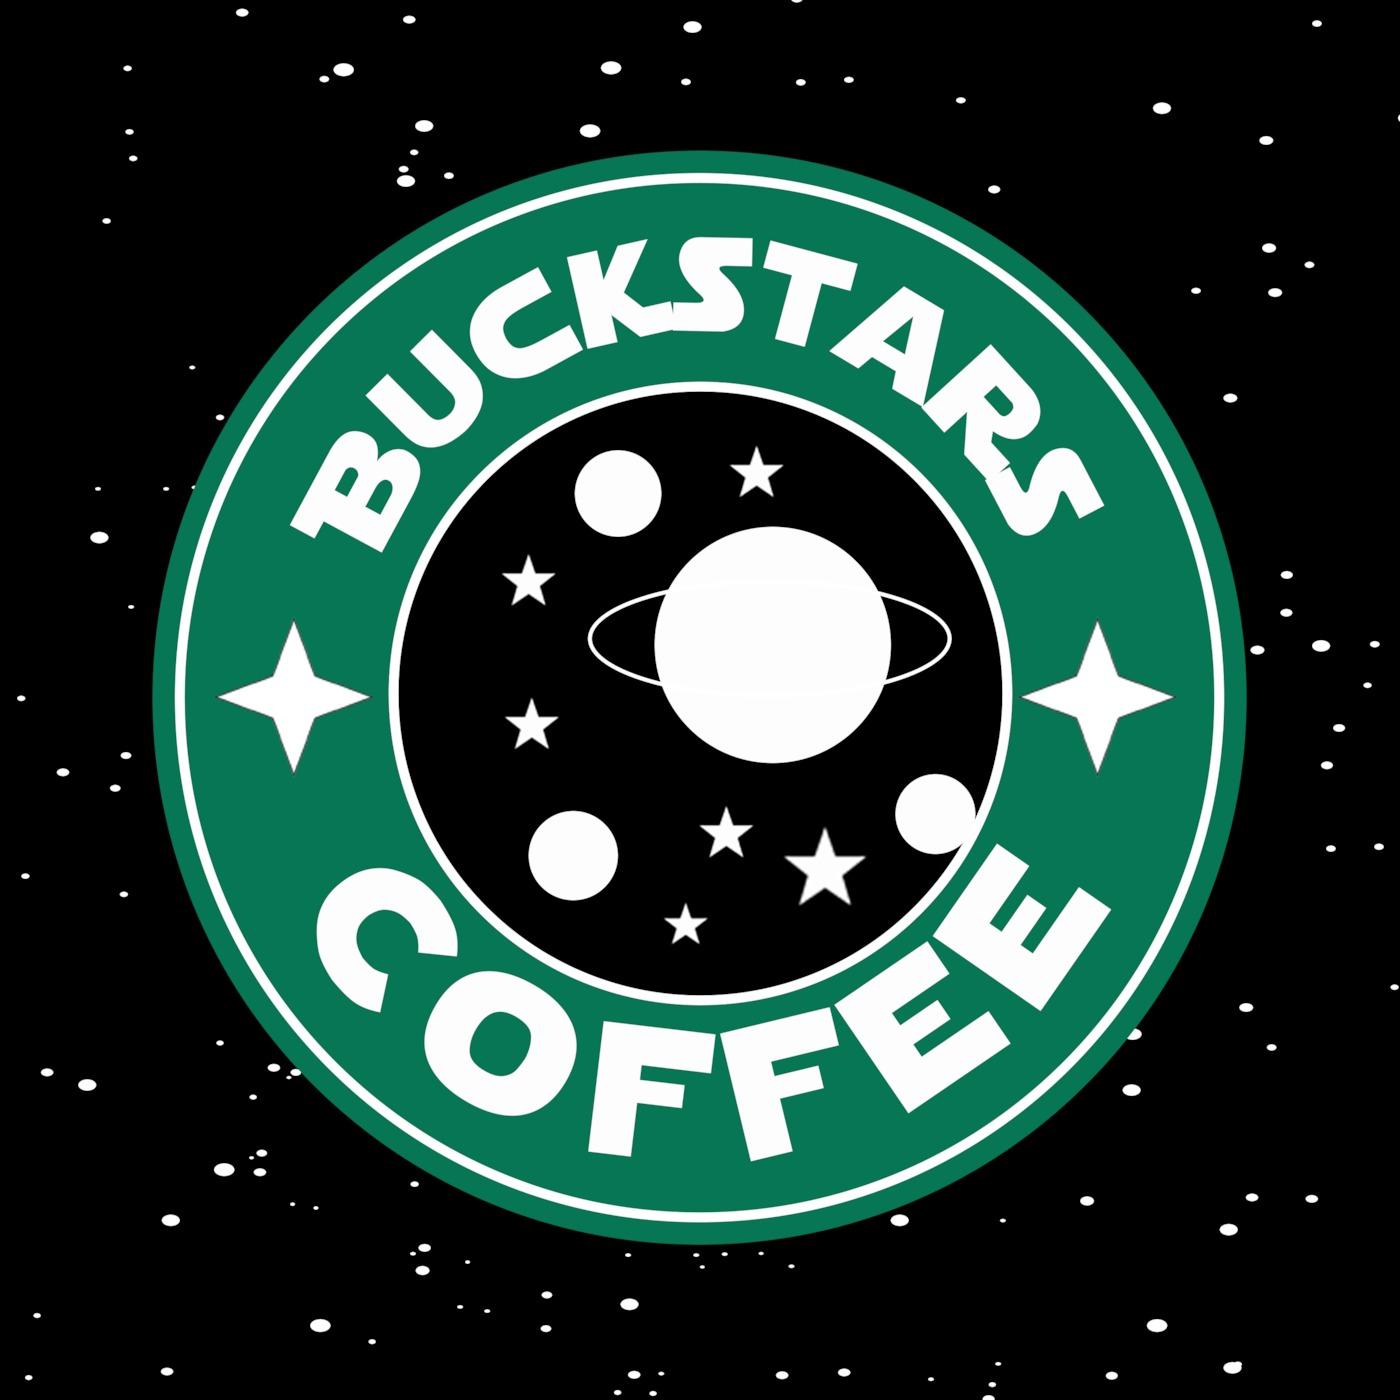 BuckStars